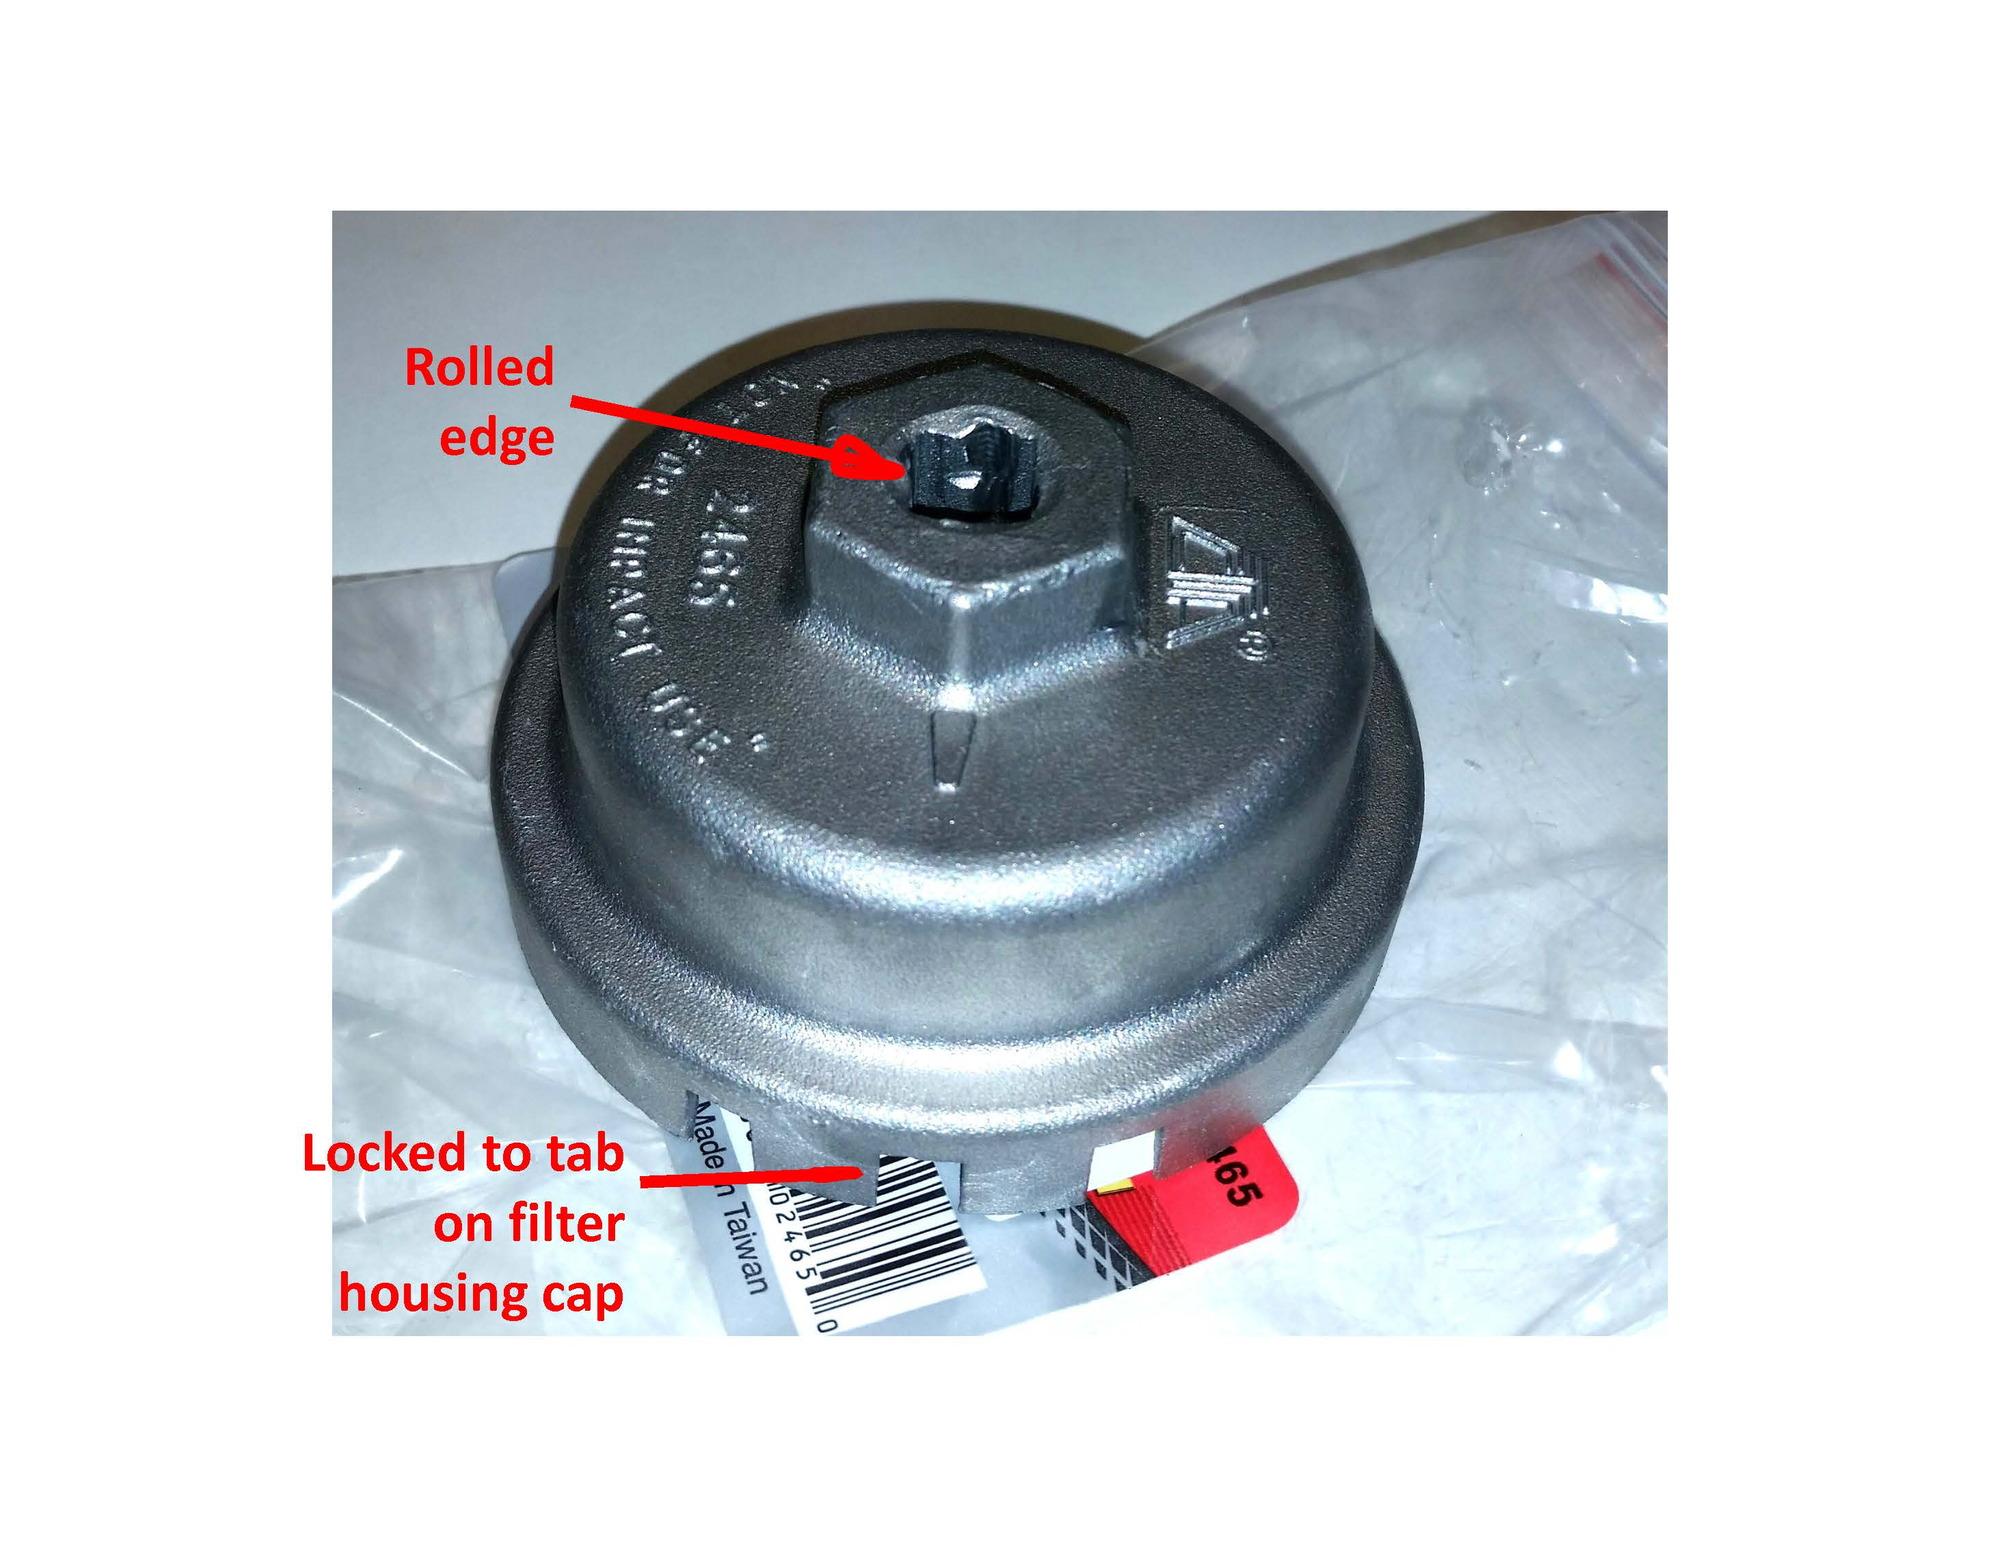 lexus rx 350 oil change instructions